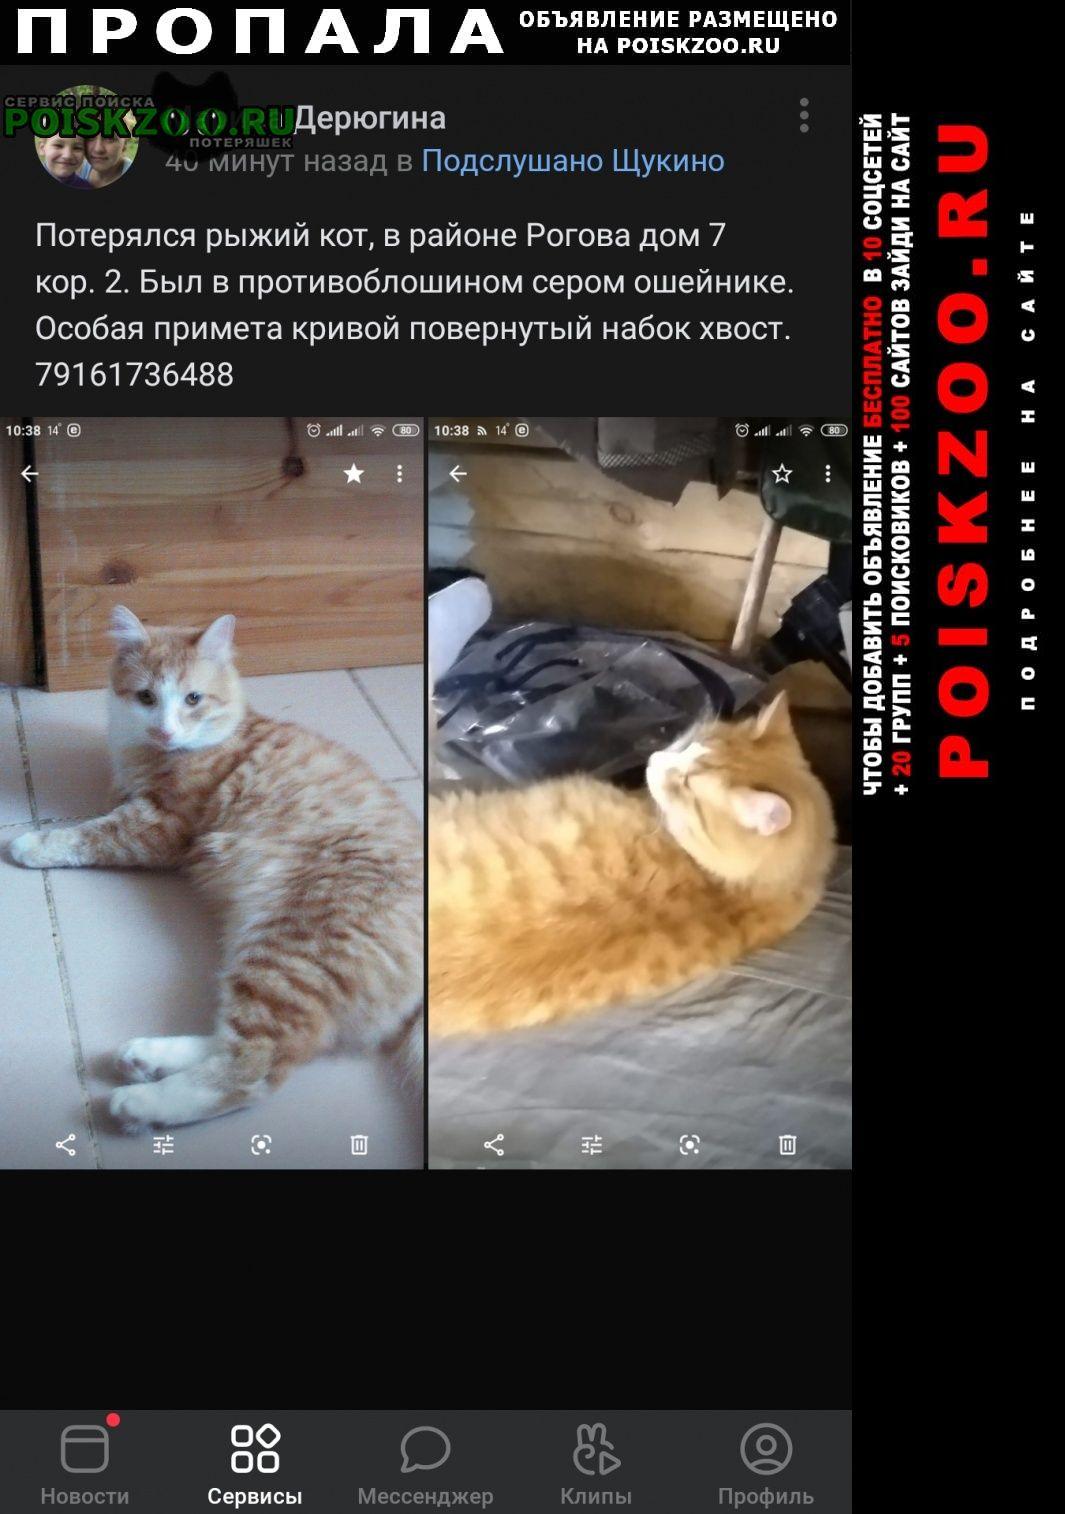 Пропала кошка убежал кот Москва